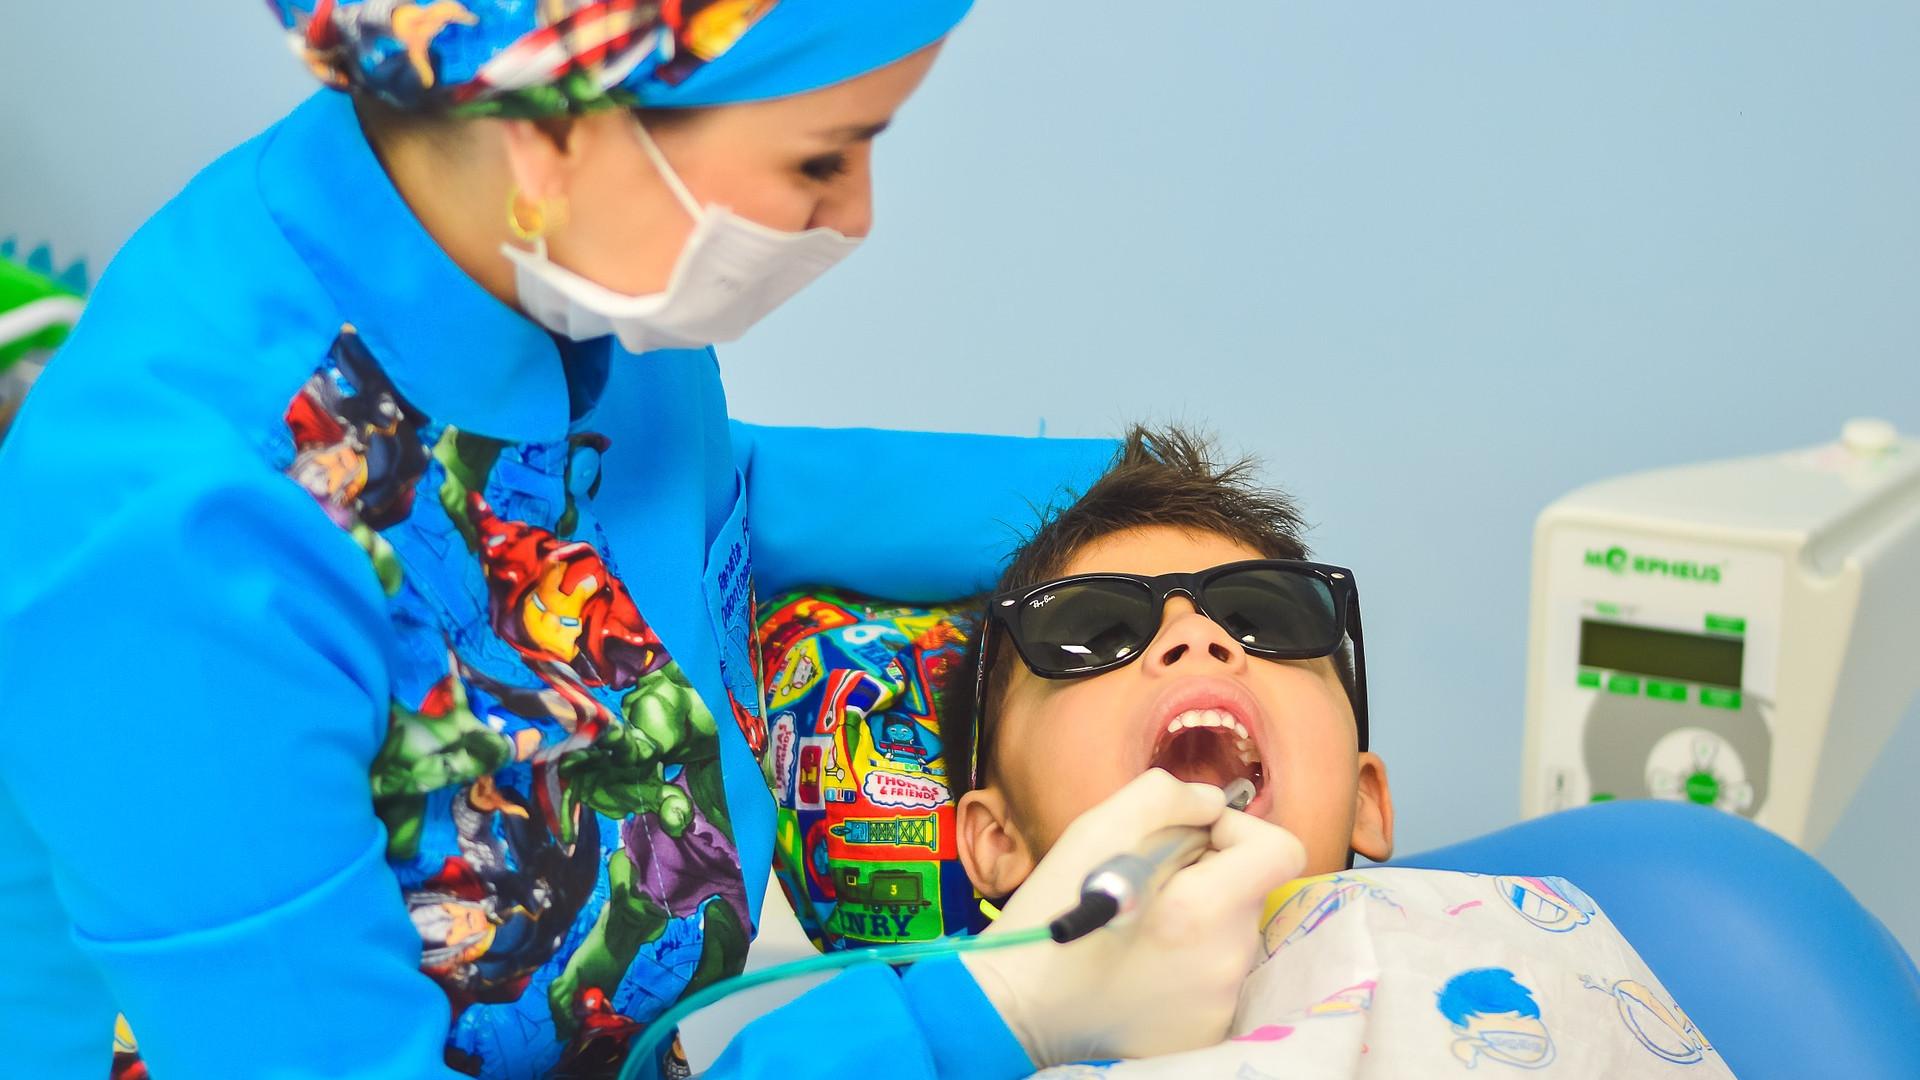 La rage de dents, une urgence à traiter sans tarder